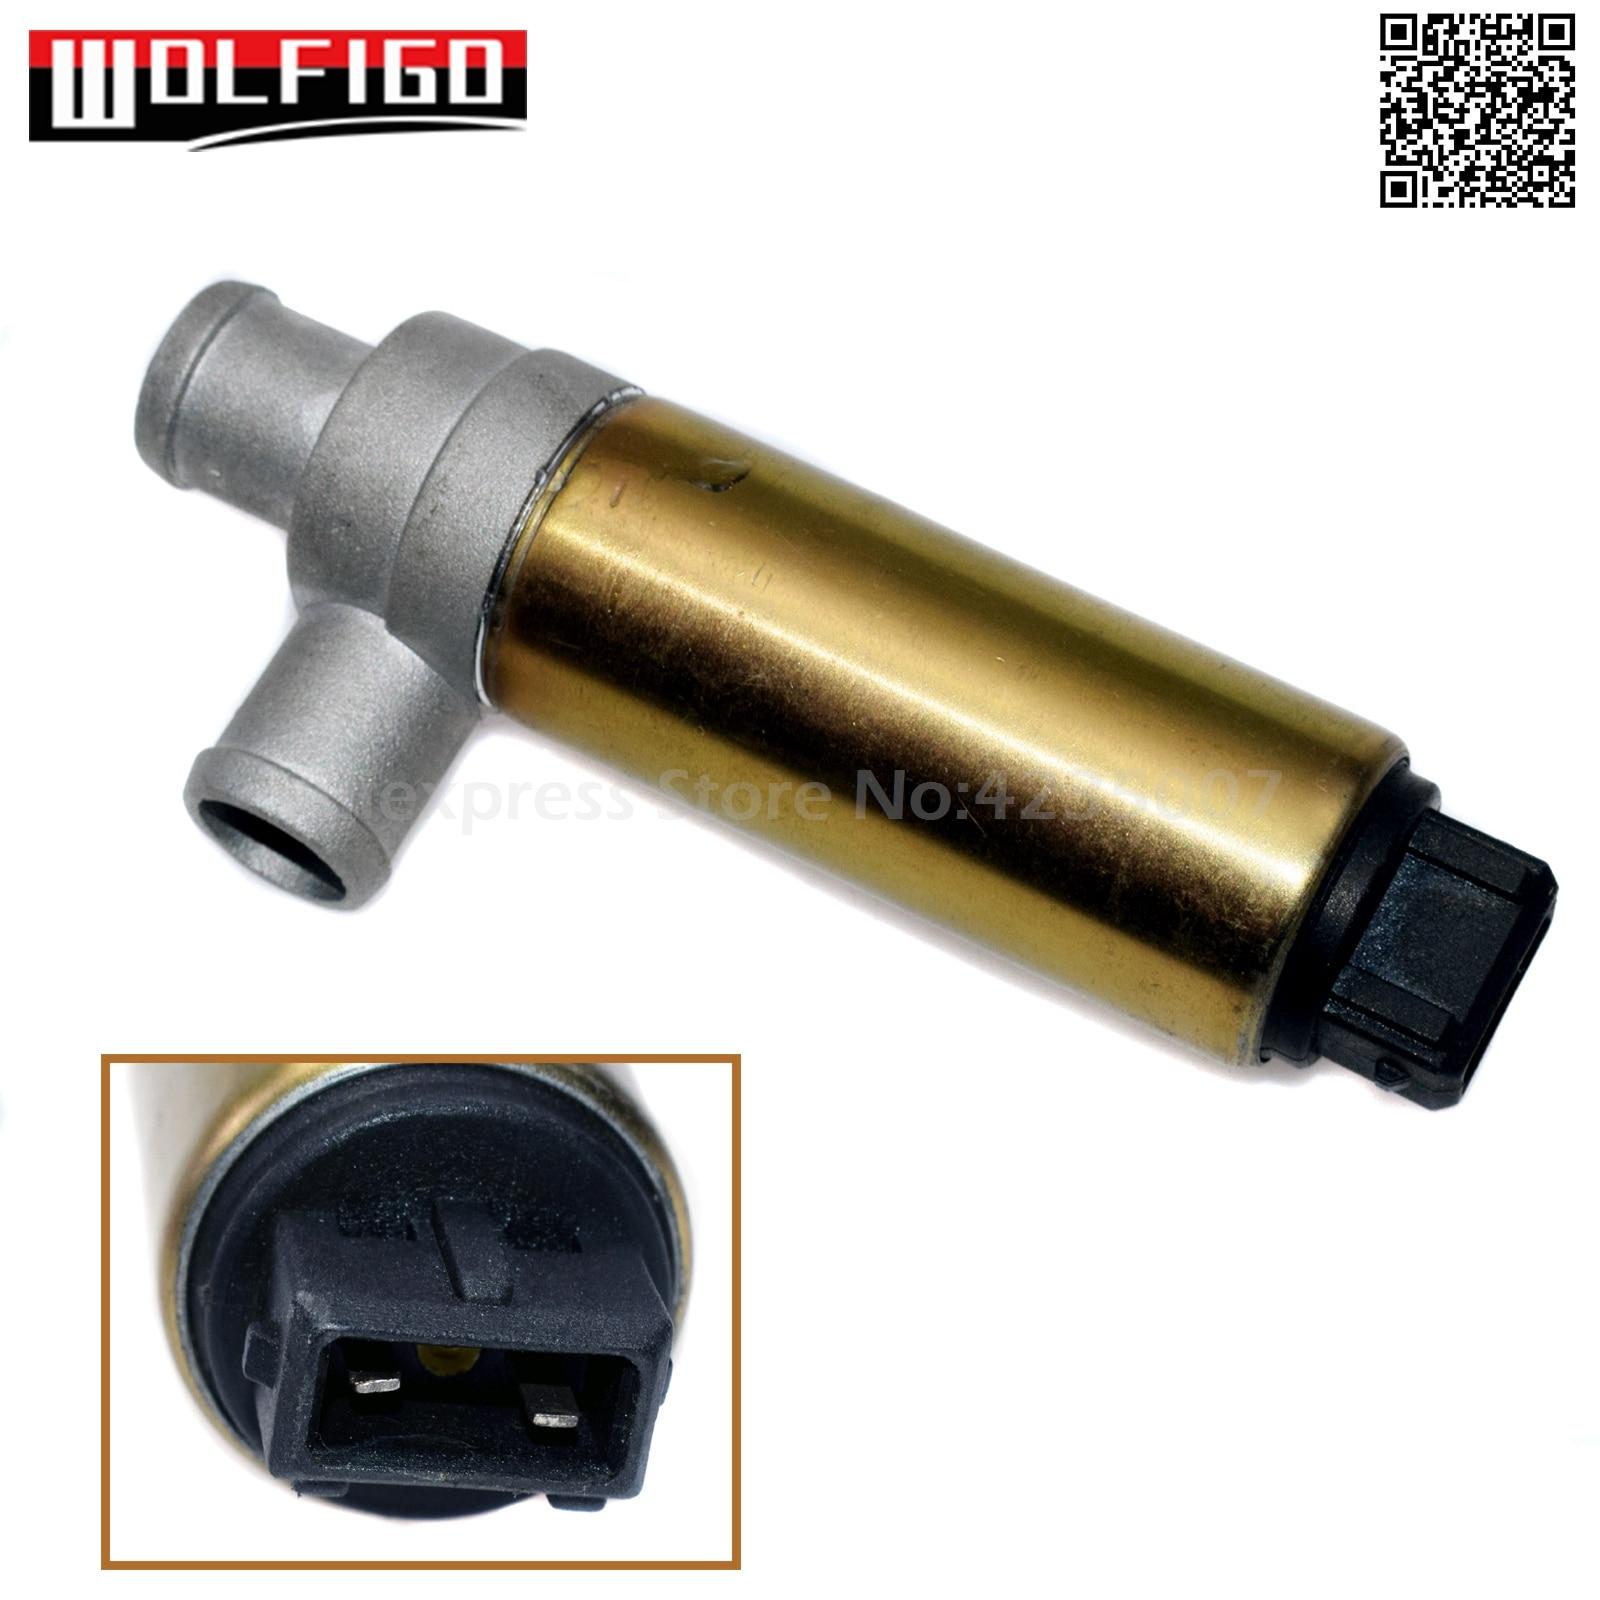 For Audi 100 200 5000 80 90 Quattro VW Jetta Passat Scirocco Fuel Injector Bosch